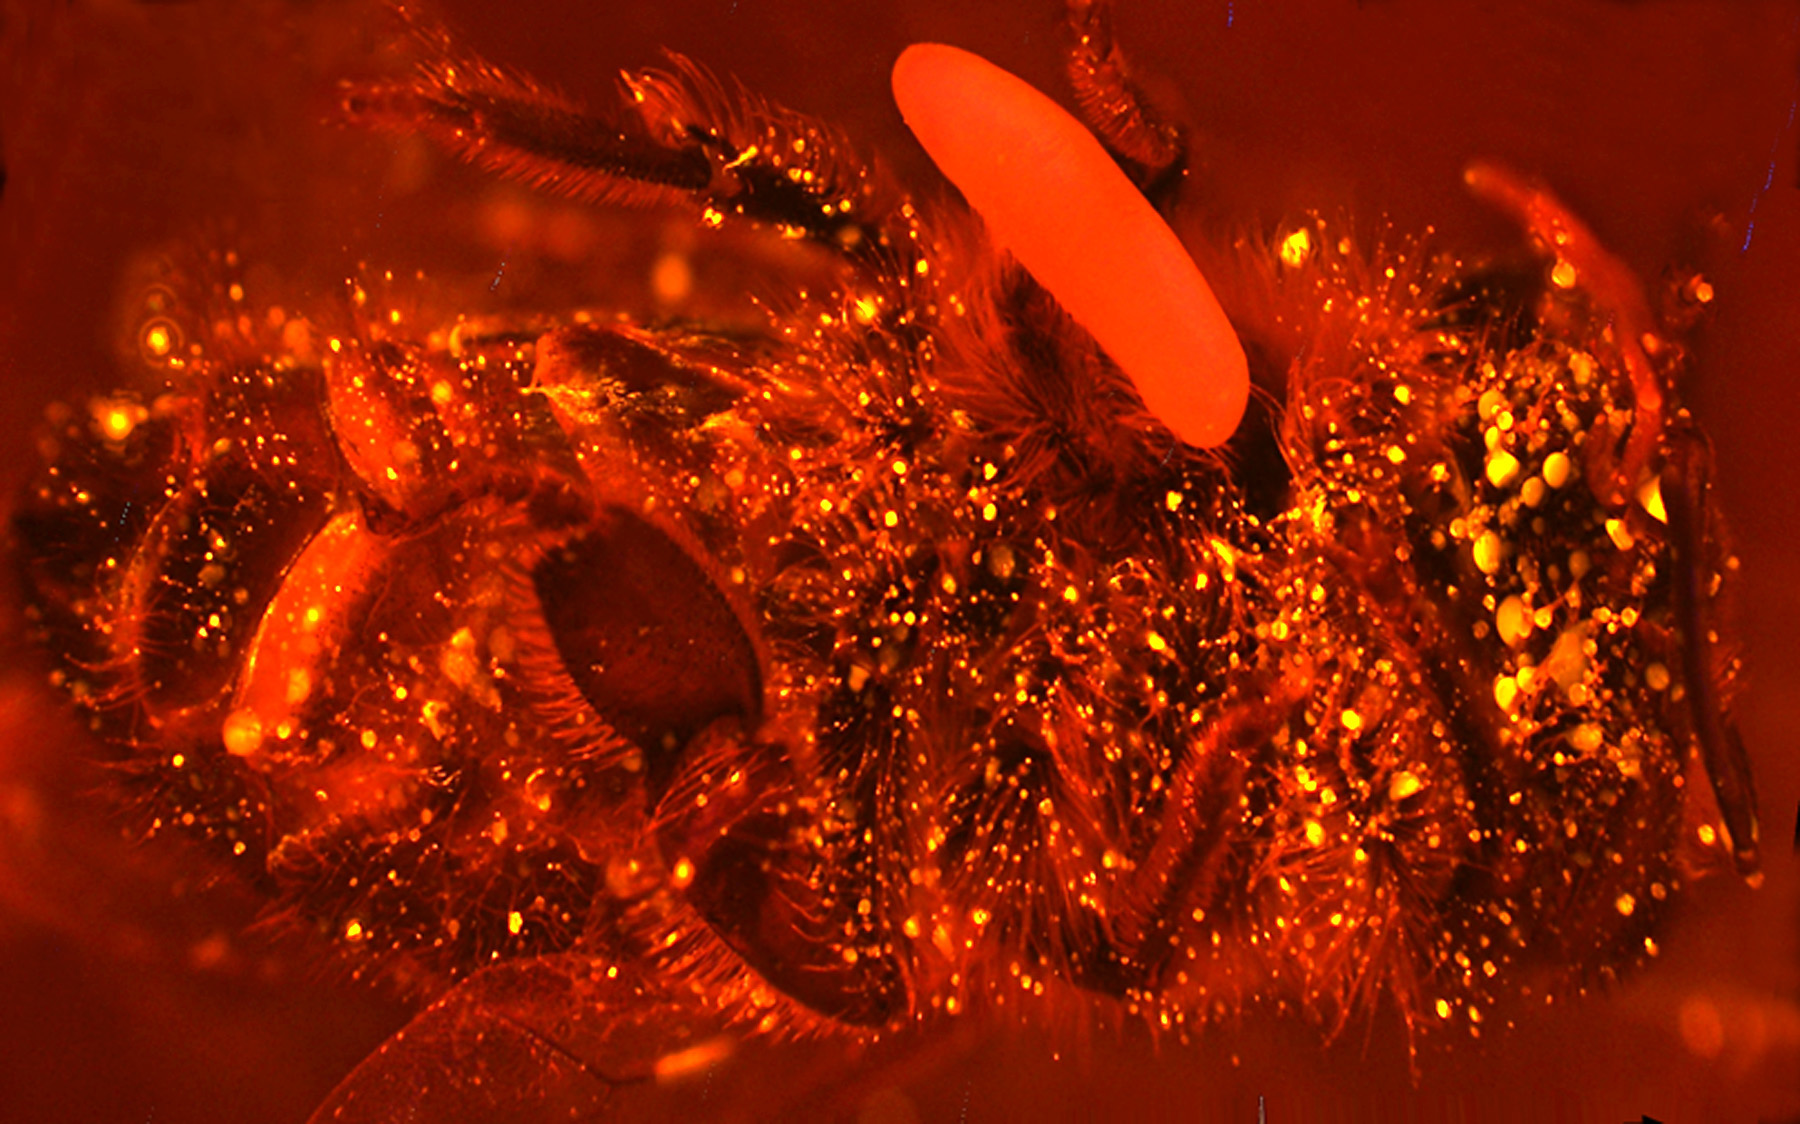 Biene mit Ei, bei der Abgabe von Stickstoffmonoxid durch Fluoreszenzfarbstoff sichtbar gemacht wurde